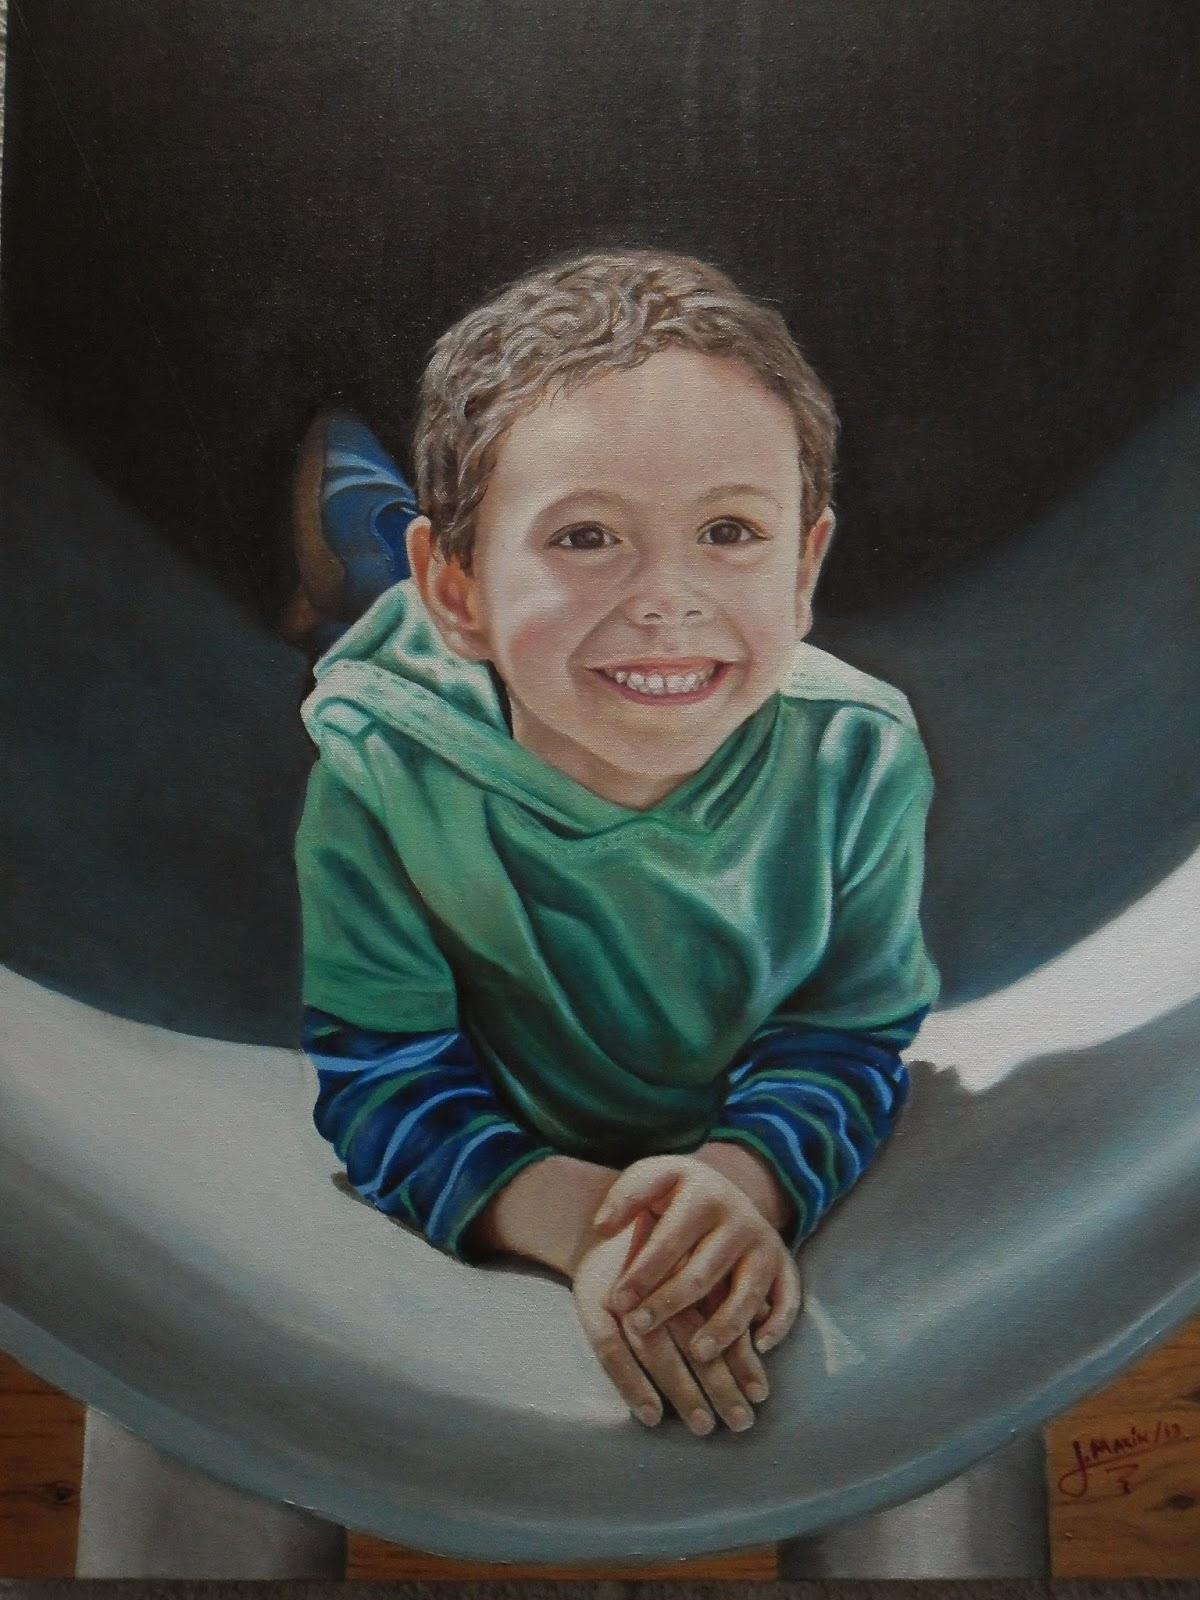 Pintura realista, oleo sobre lienzo Jorge Marín,  artistas realistas de colombia